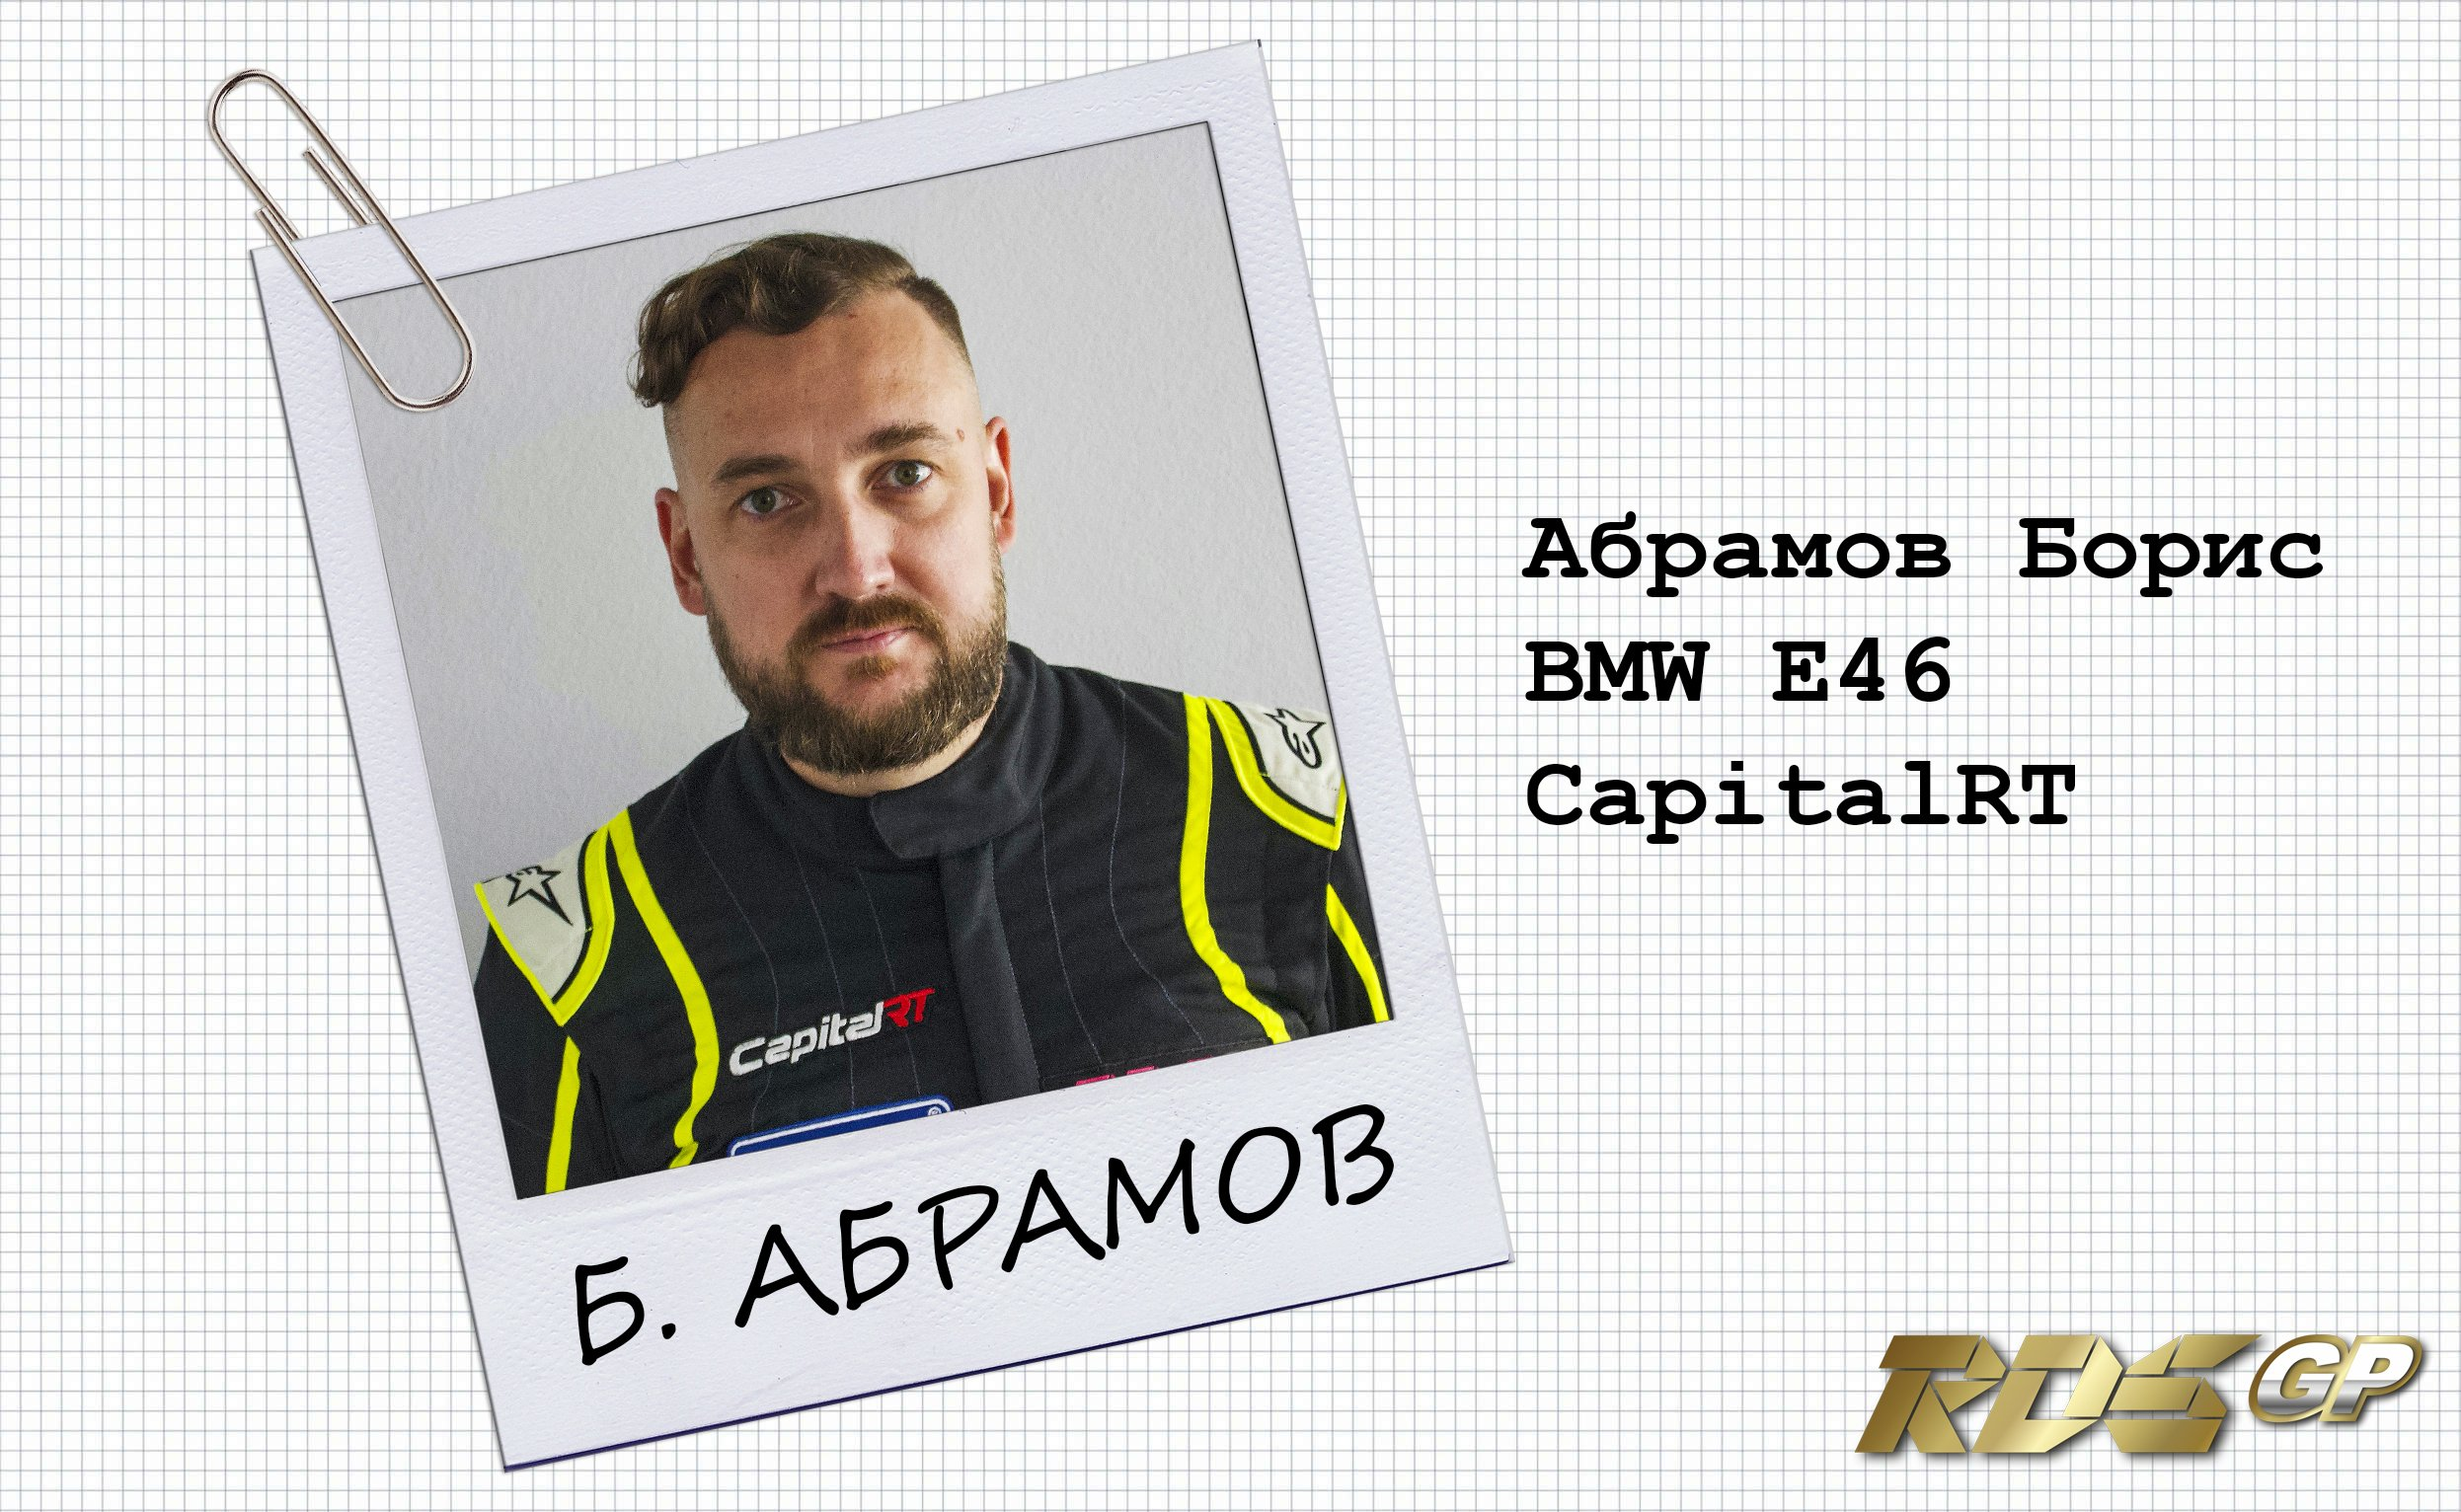 Абрамов Борис